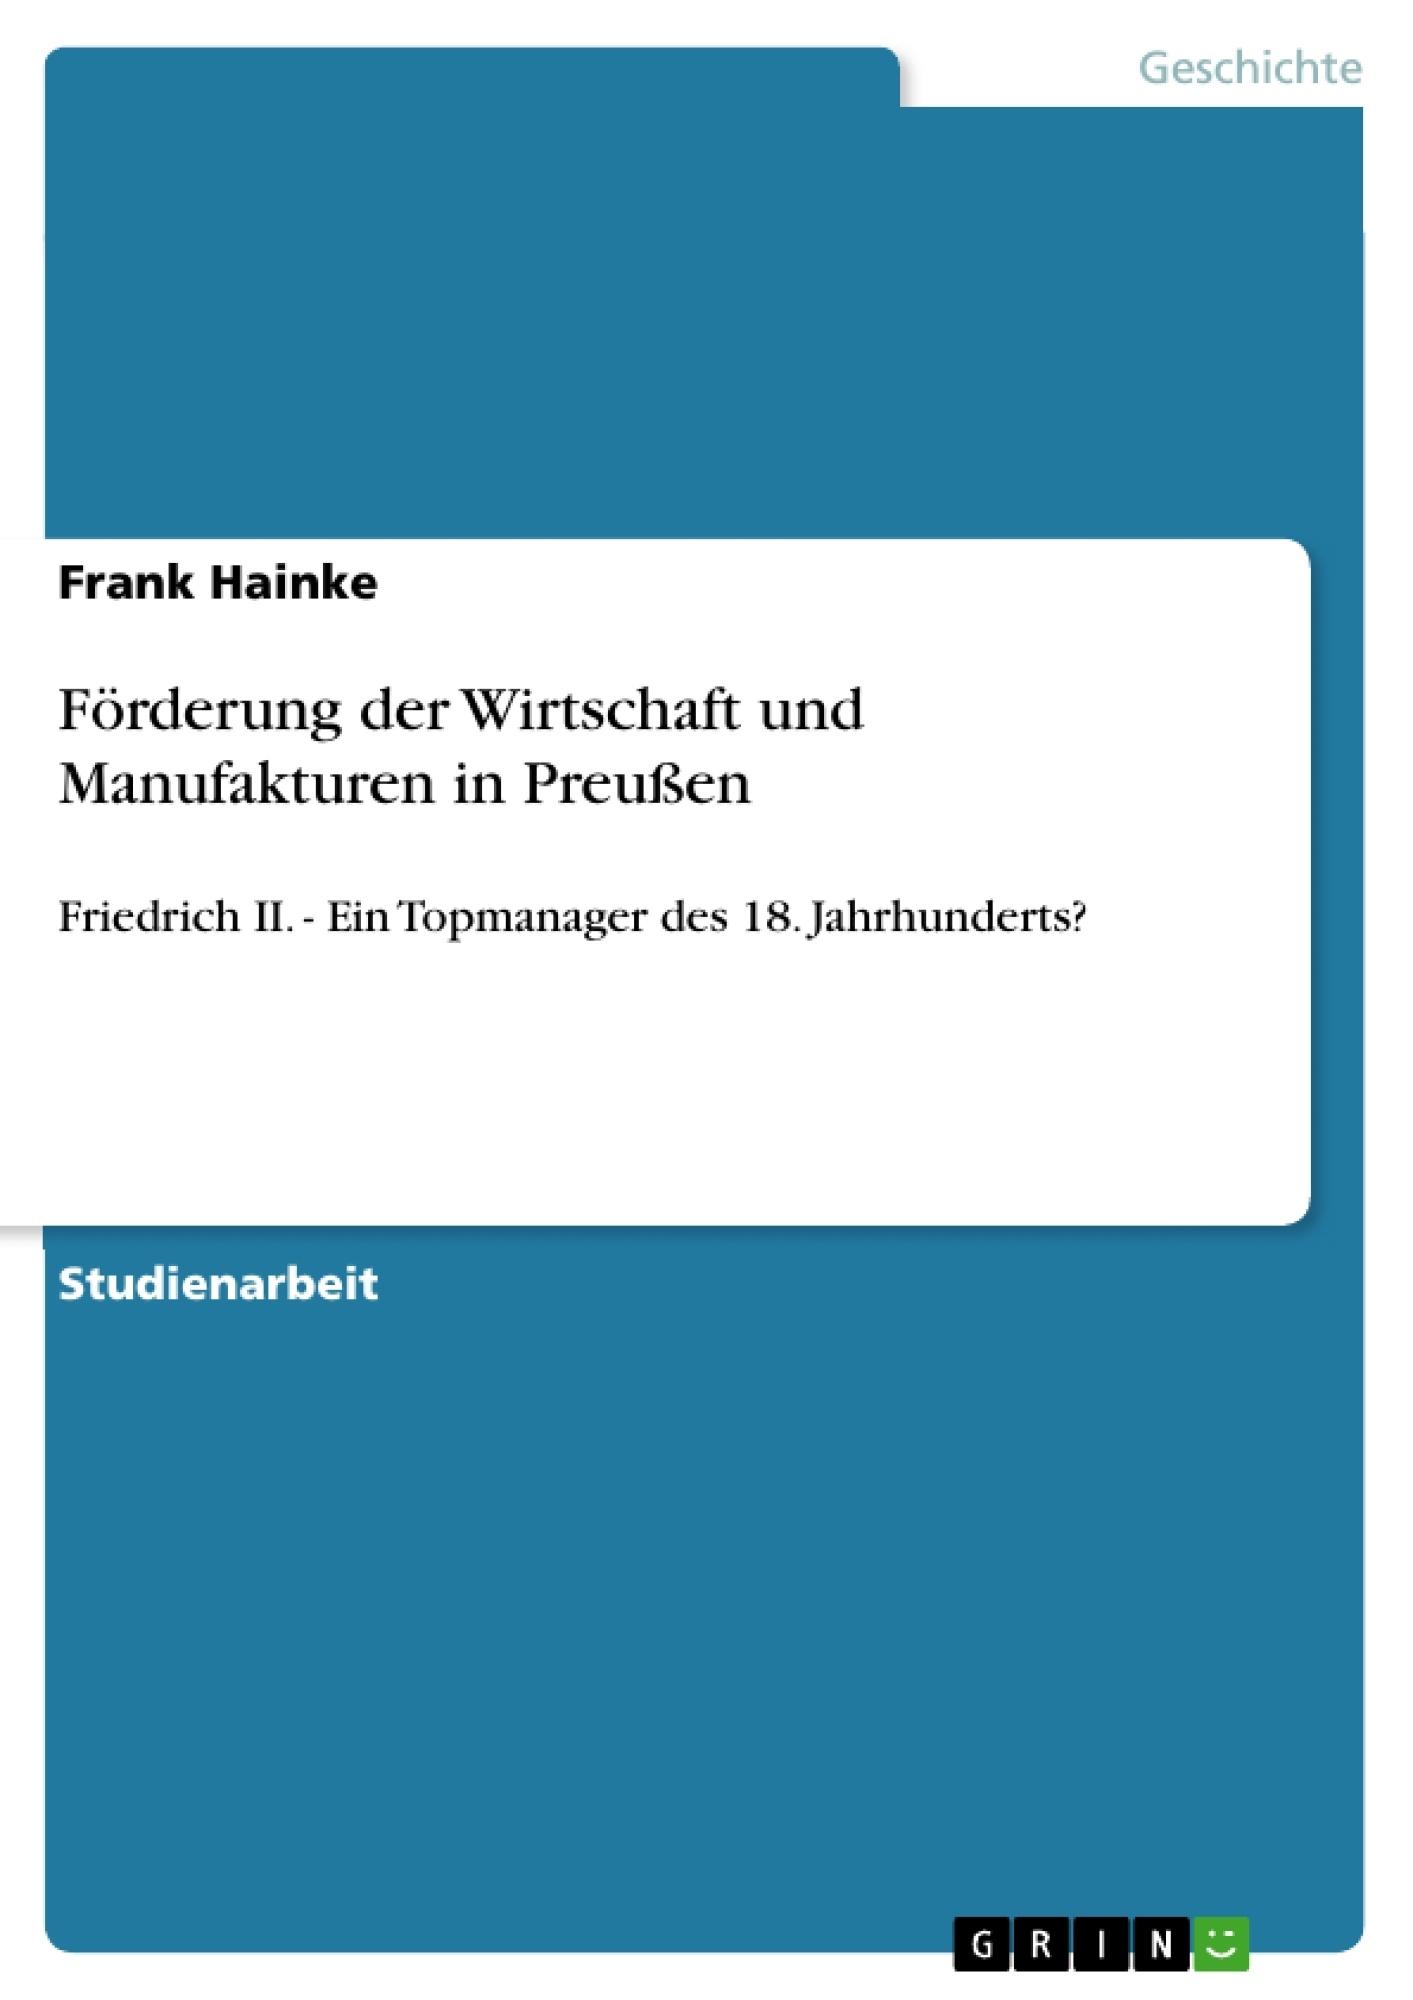 Titel: Förderung der Wirtschaft und Manufakturen in Preußen